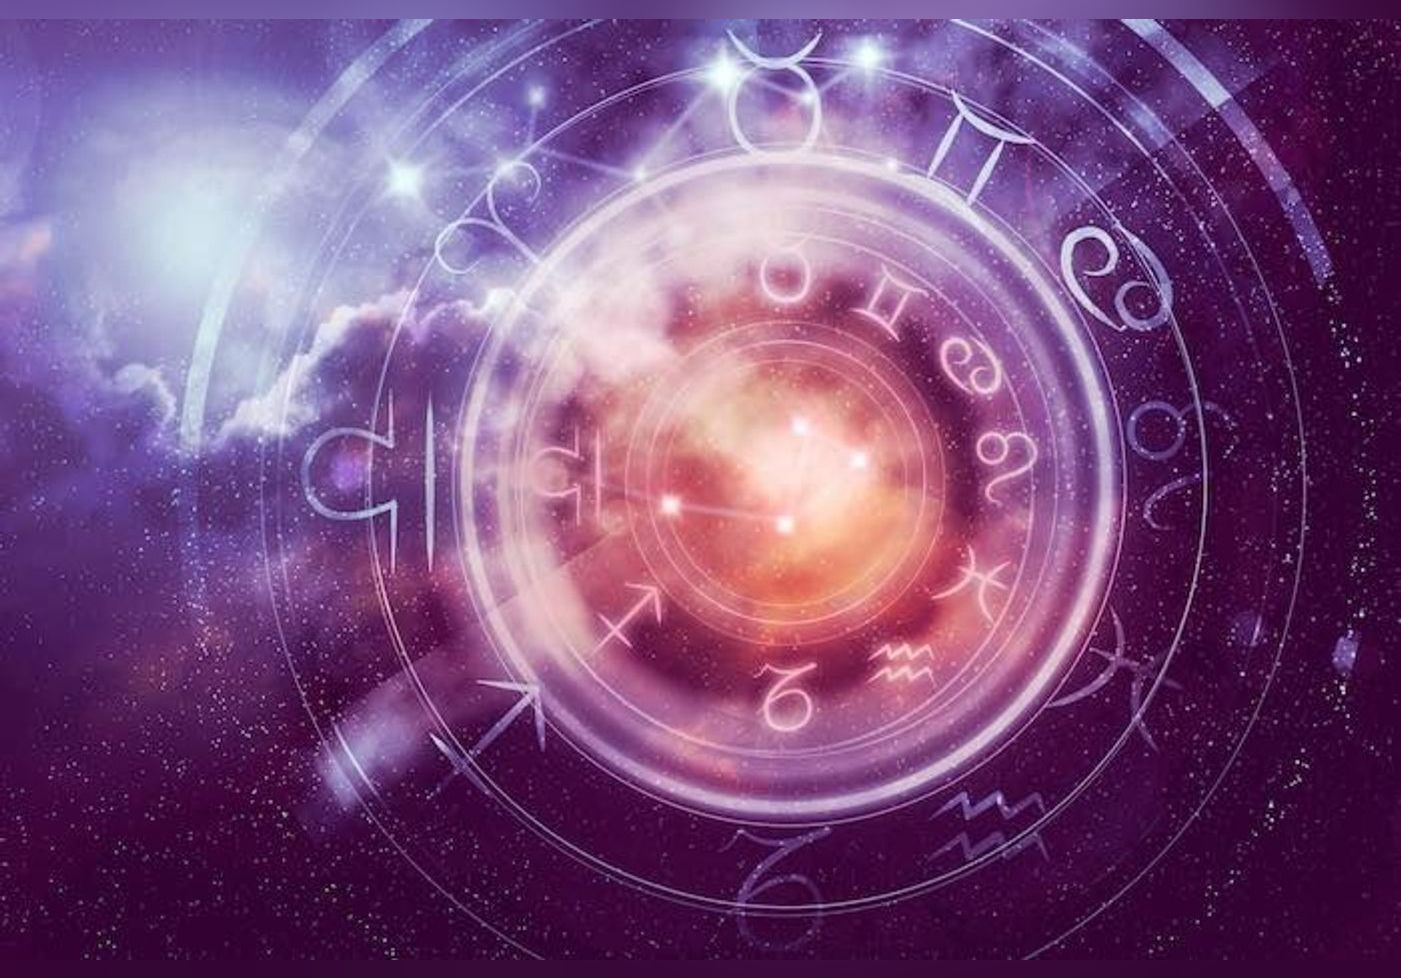 Ce signe astrologique est le plus imprudent du zodiaque